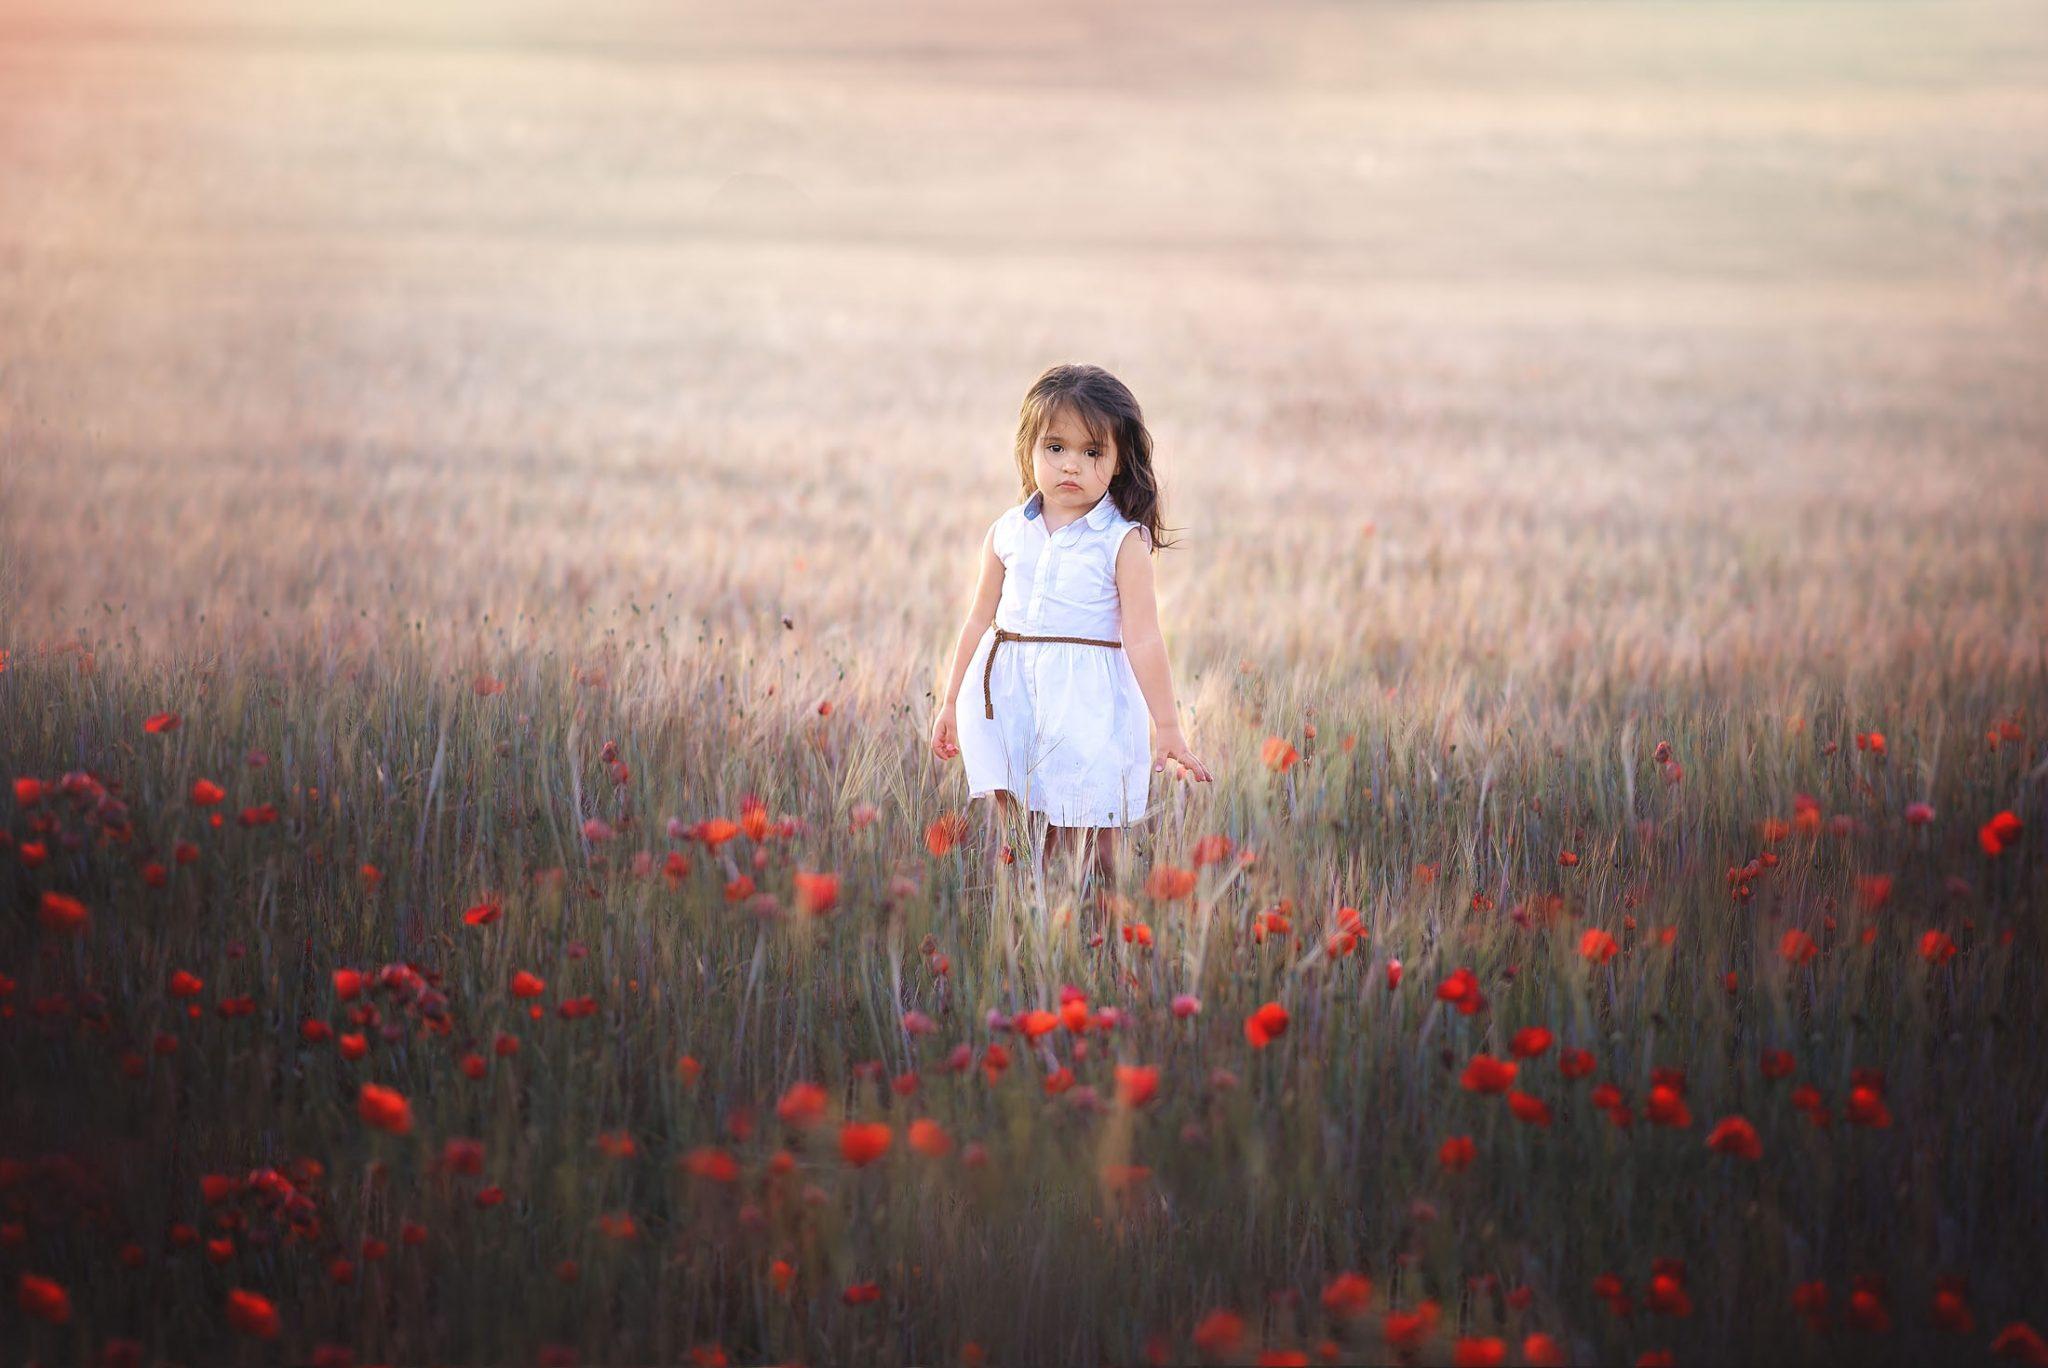 Fotografo de niños